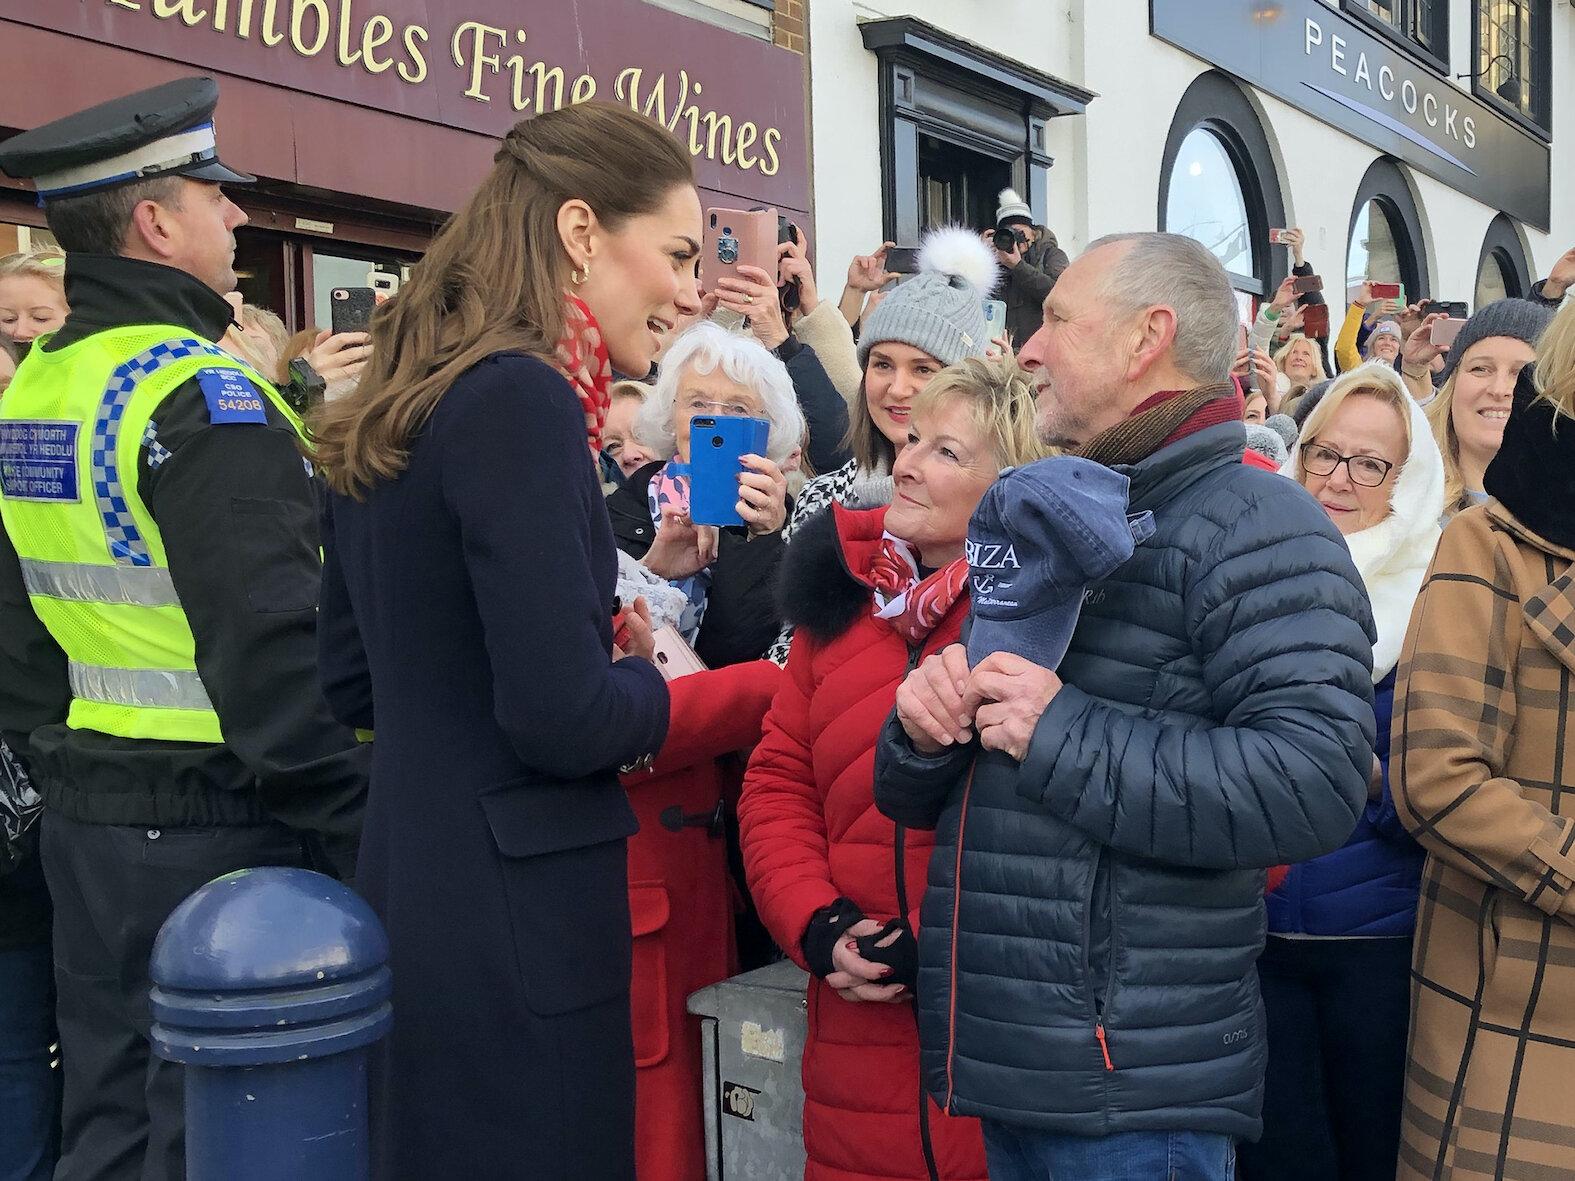 Herzogin Kate trifft vor einer Eisdiele ihre früheren Lehrer Denise Evans-Alford und Kevin Alford wieder.  © picture alliance / empics